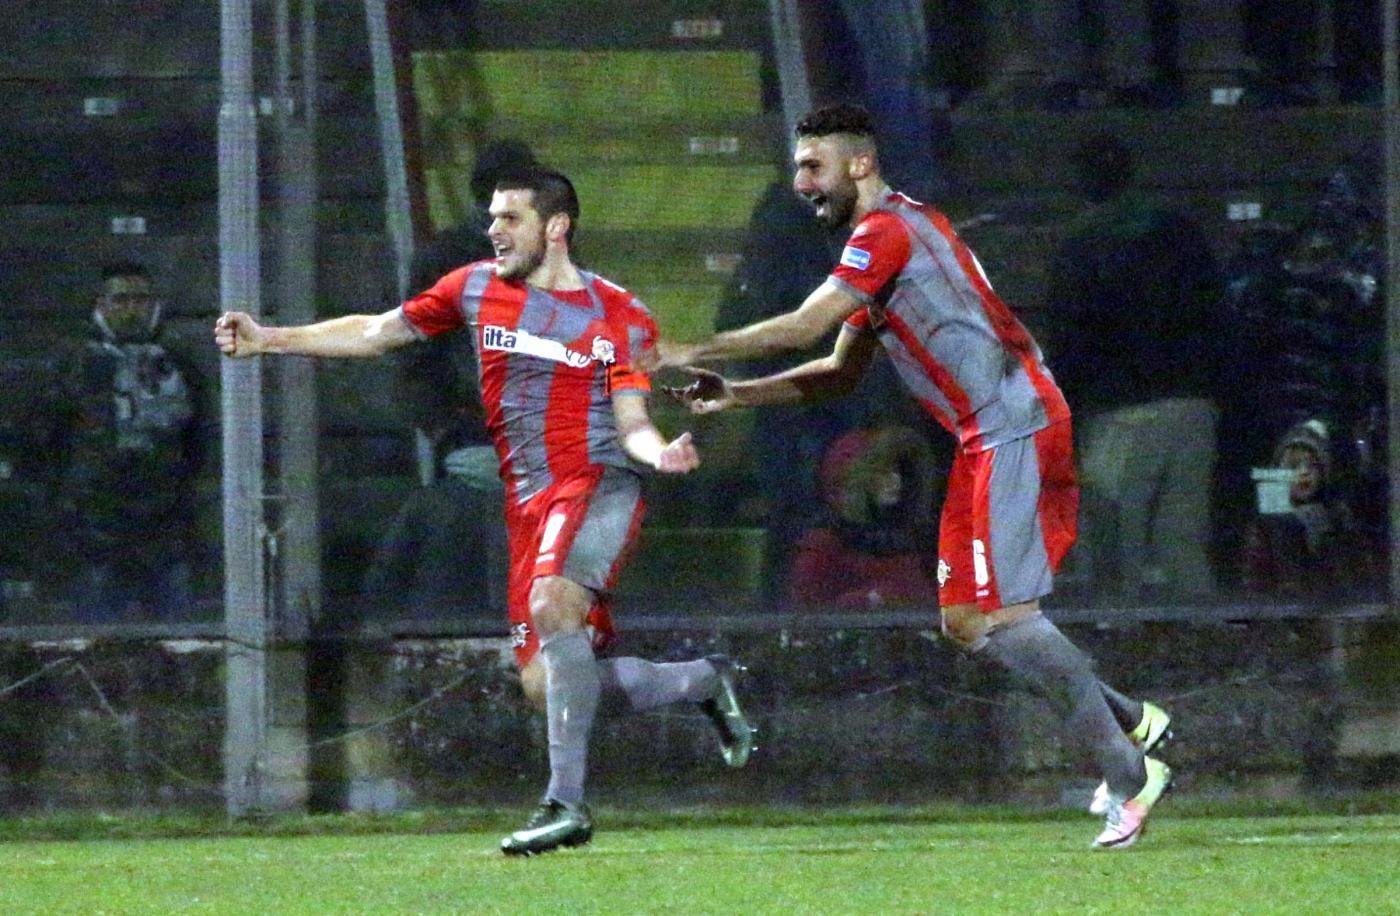 Cremonese-Perugia 28 ottobre pronostico Serie B giornata 12